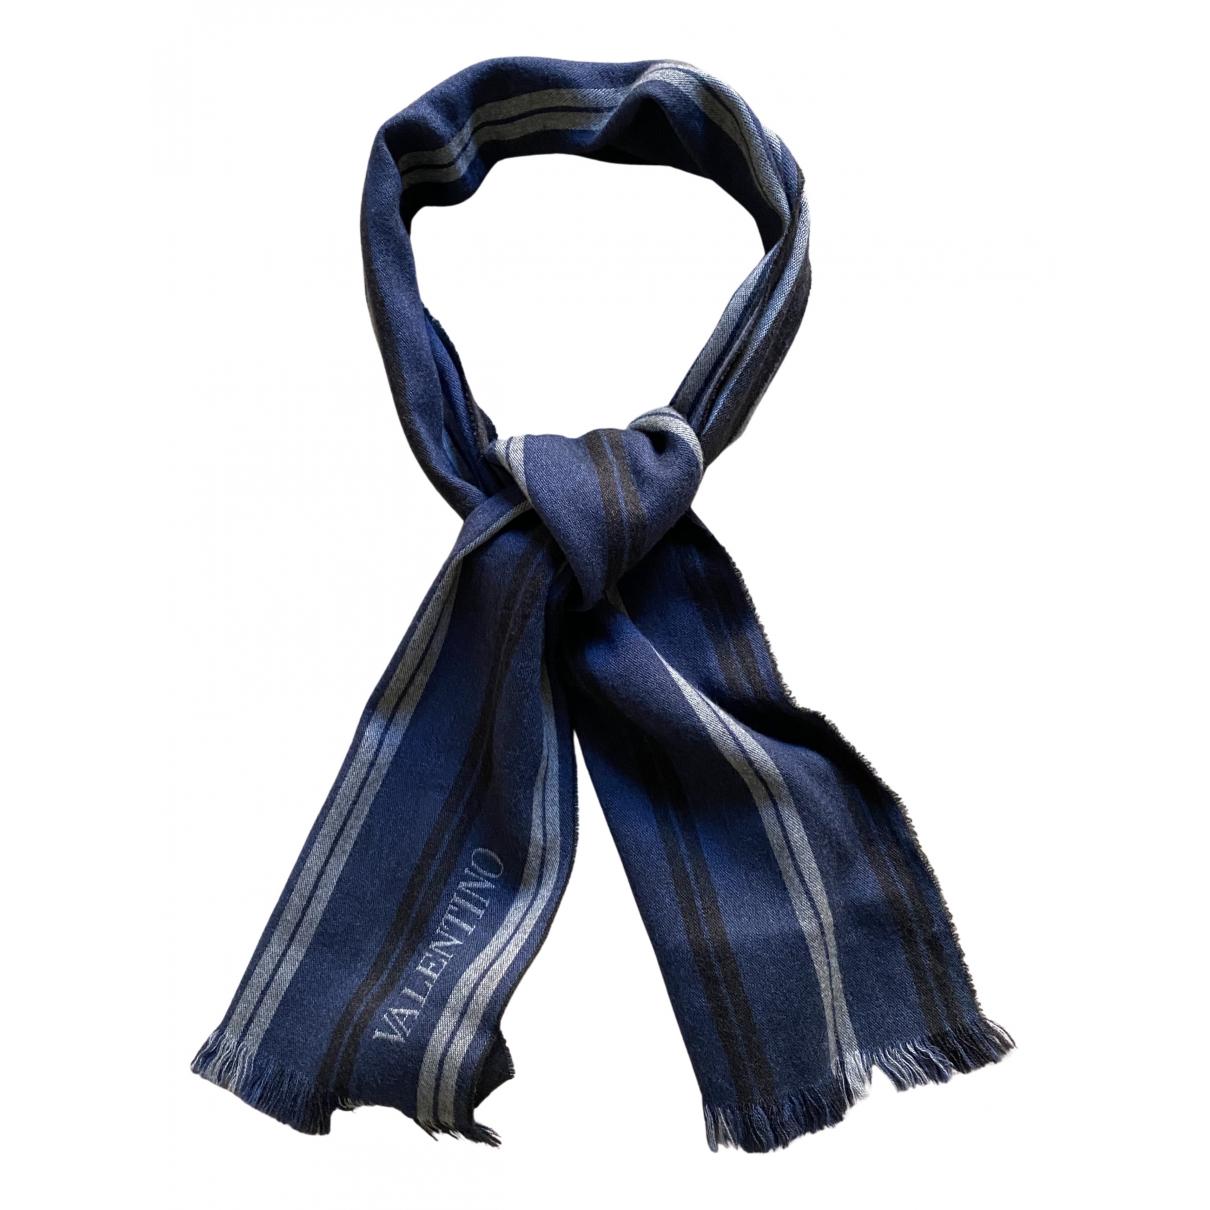 Valentino Garavani \N Tuecher, Schal in  Blau Wolle